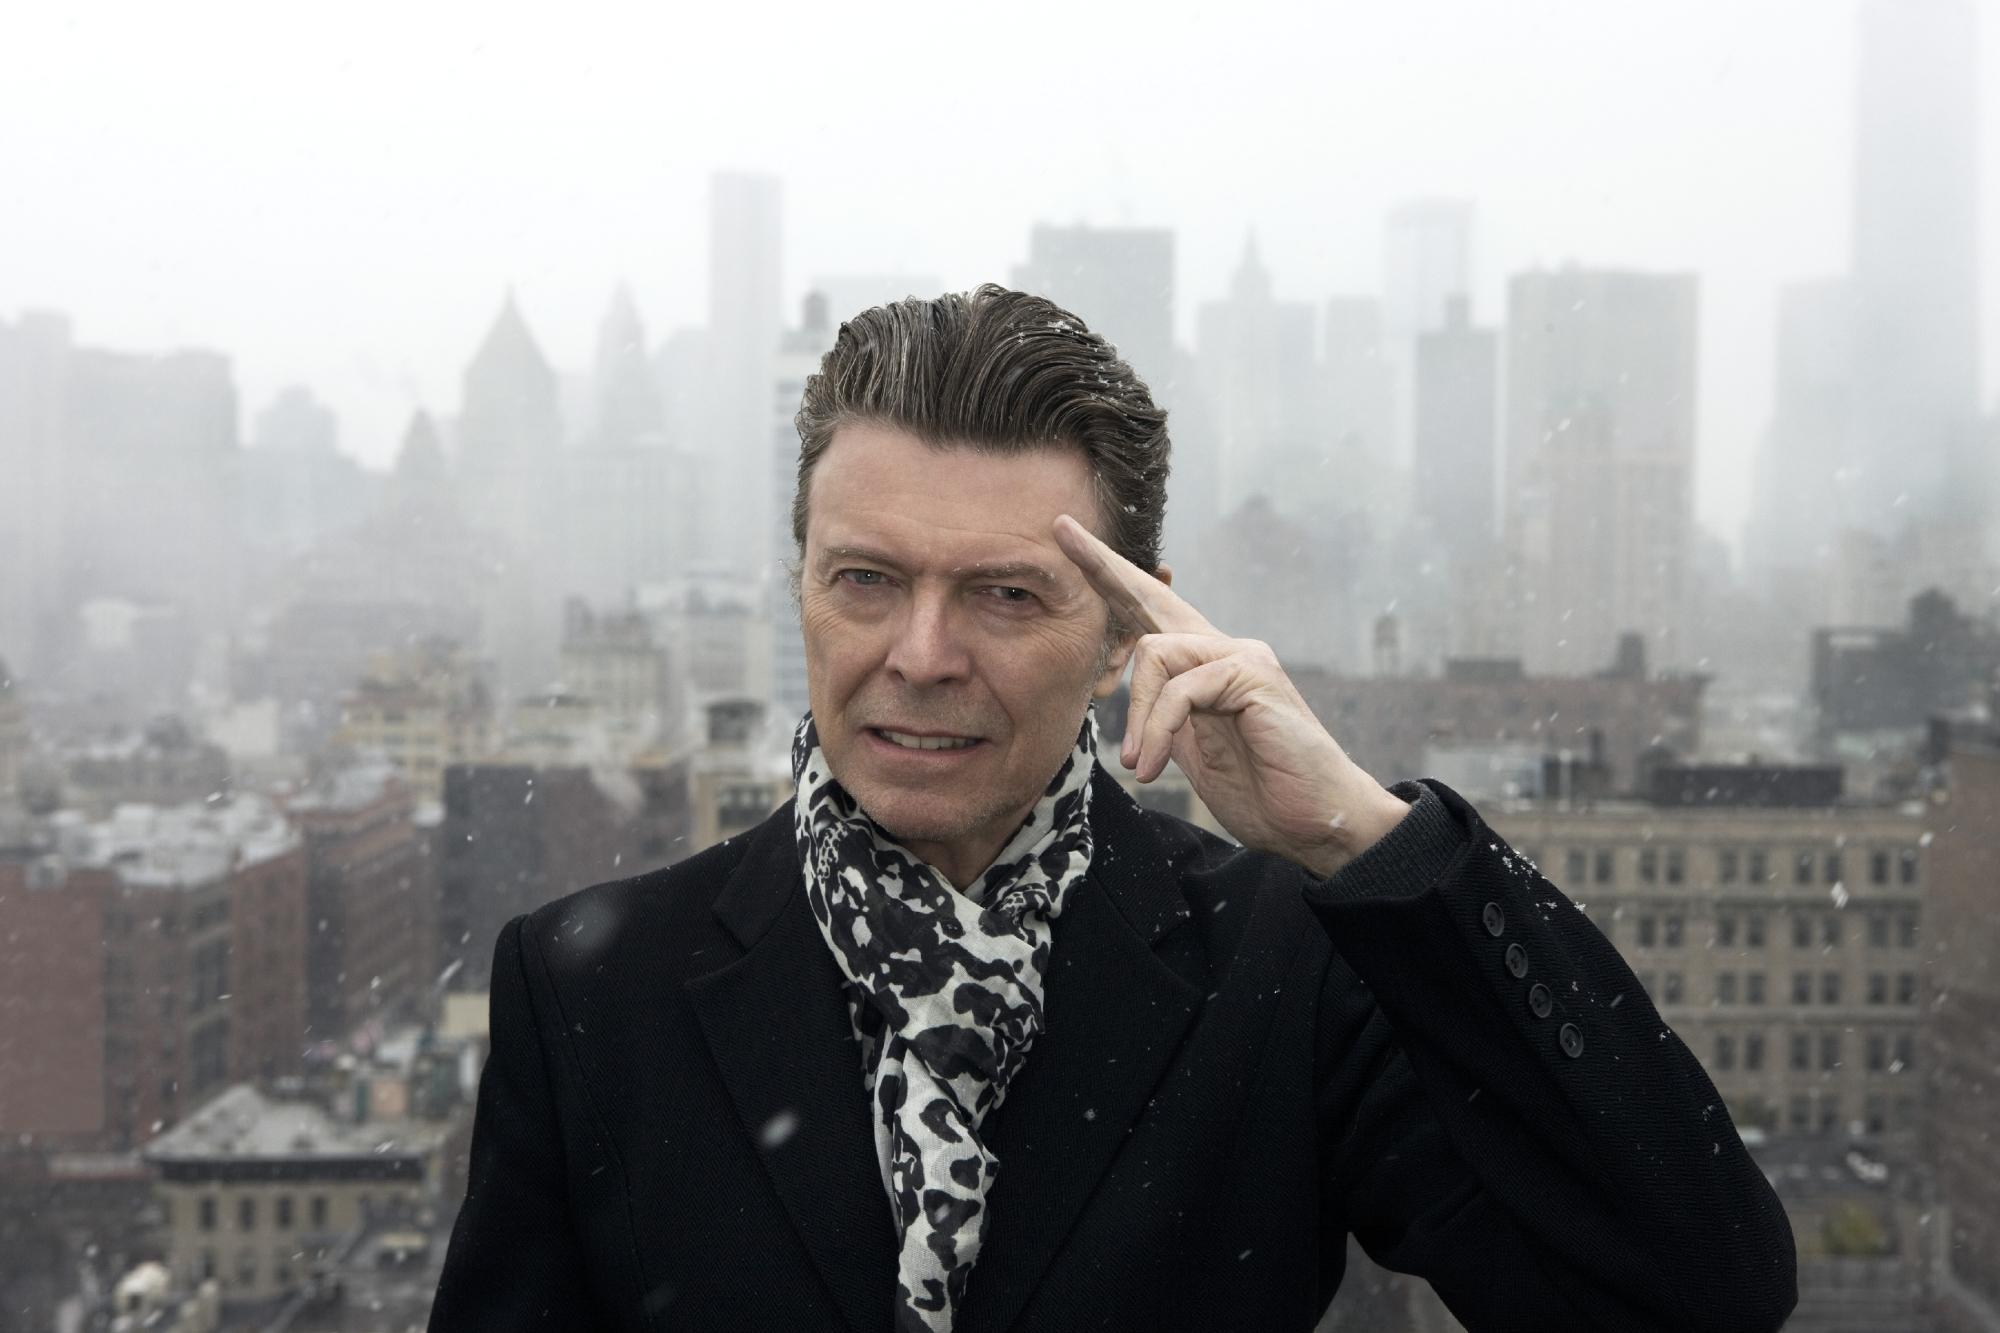 Un clip posthume de David Bowie